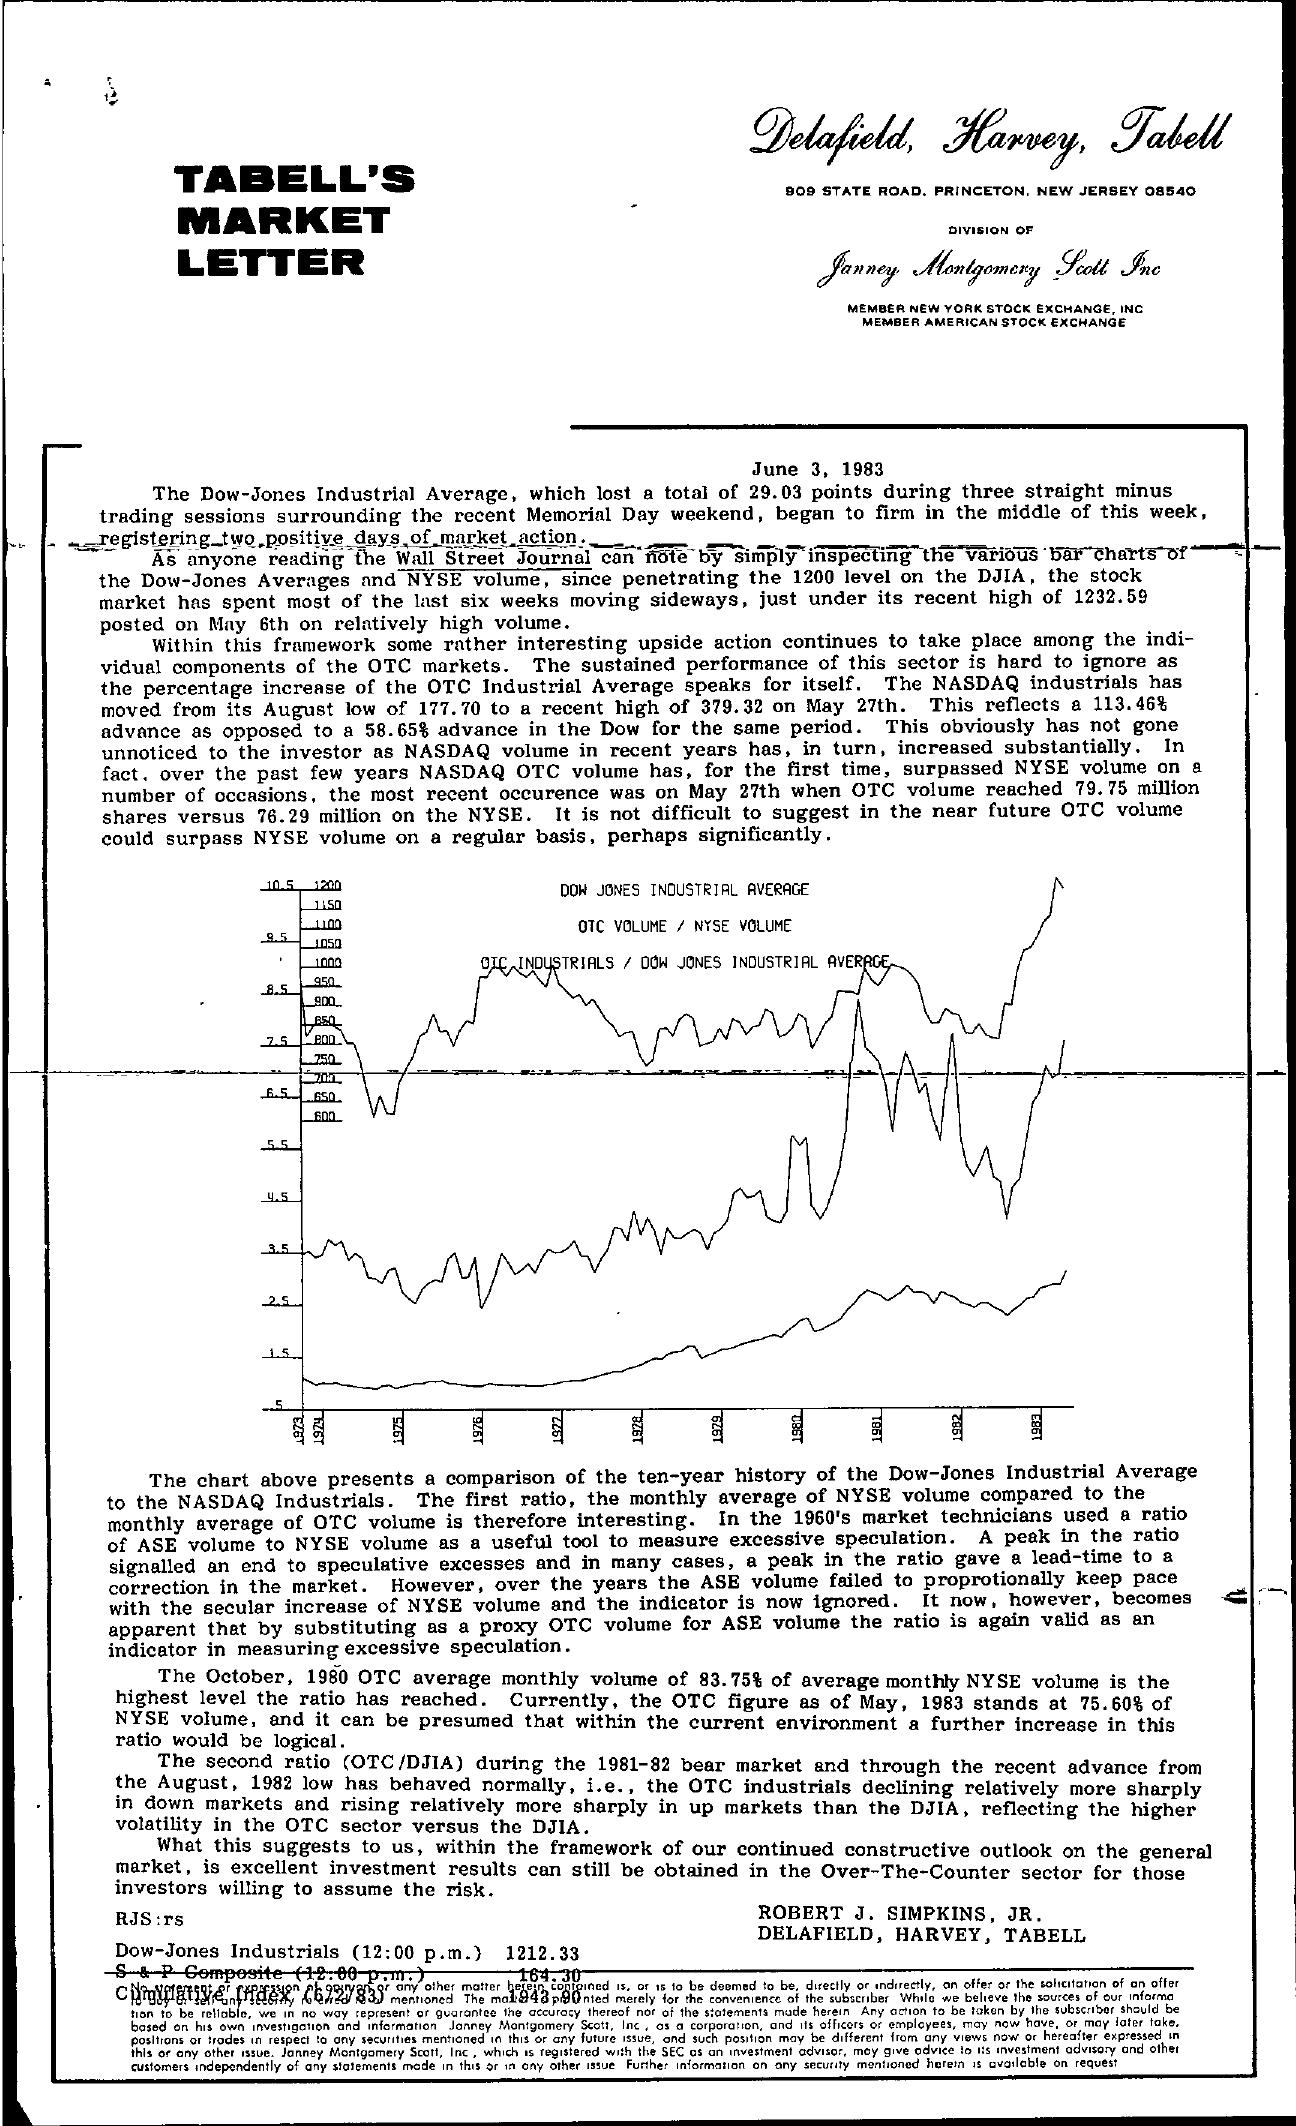 Tabell's Market Letter - June 03, 1983